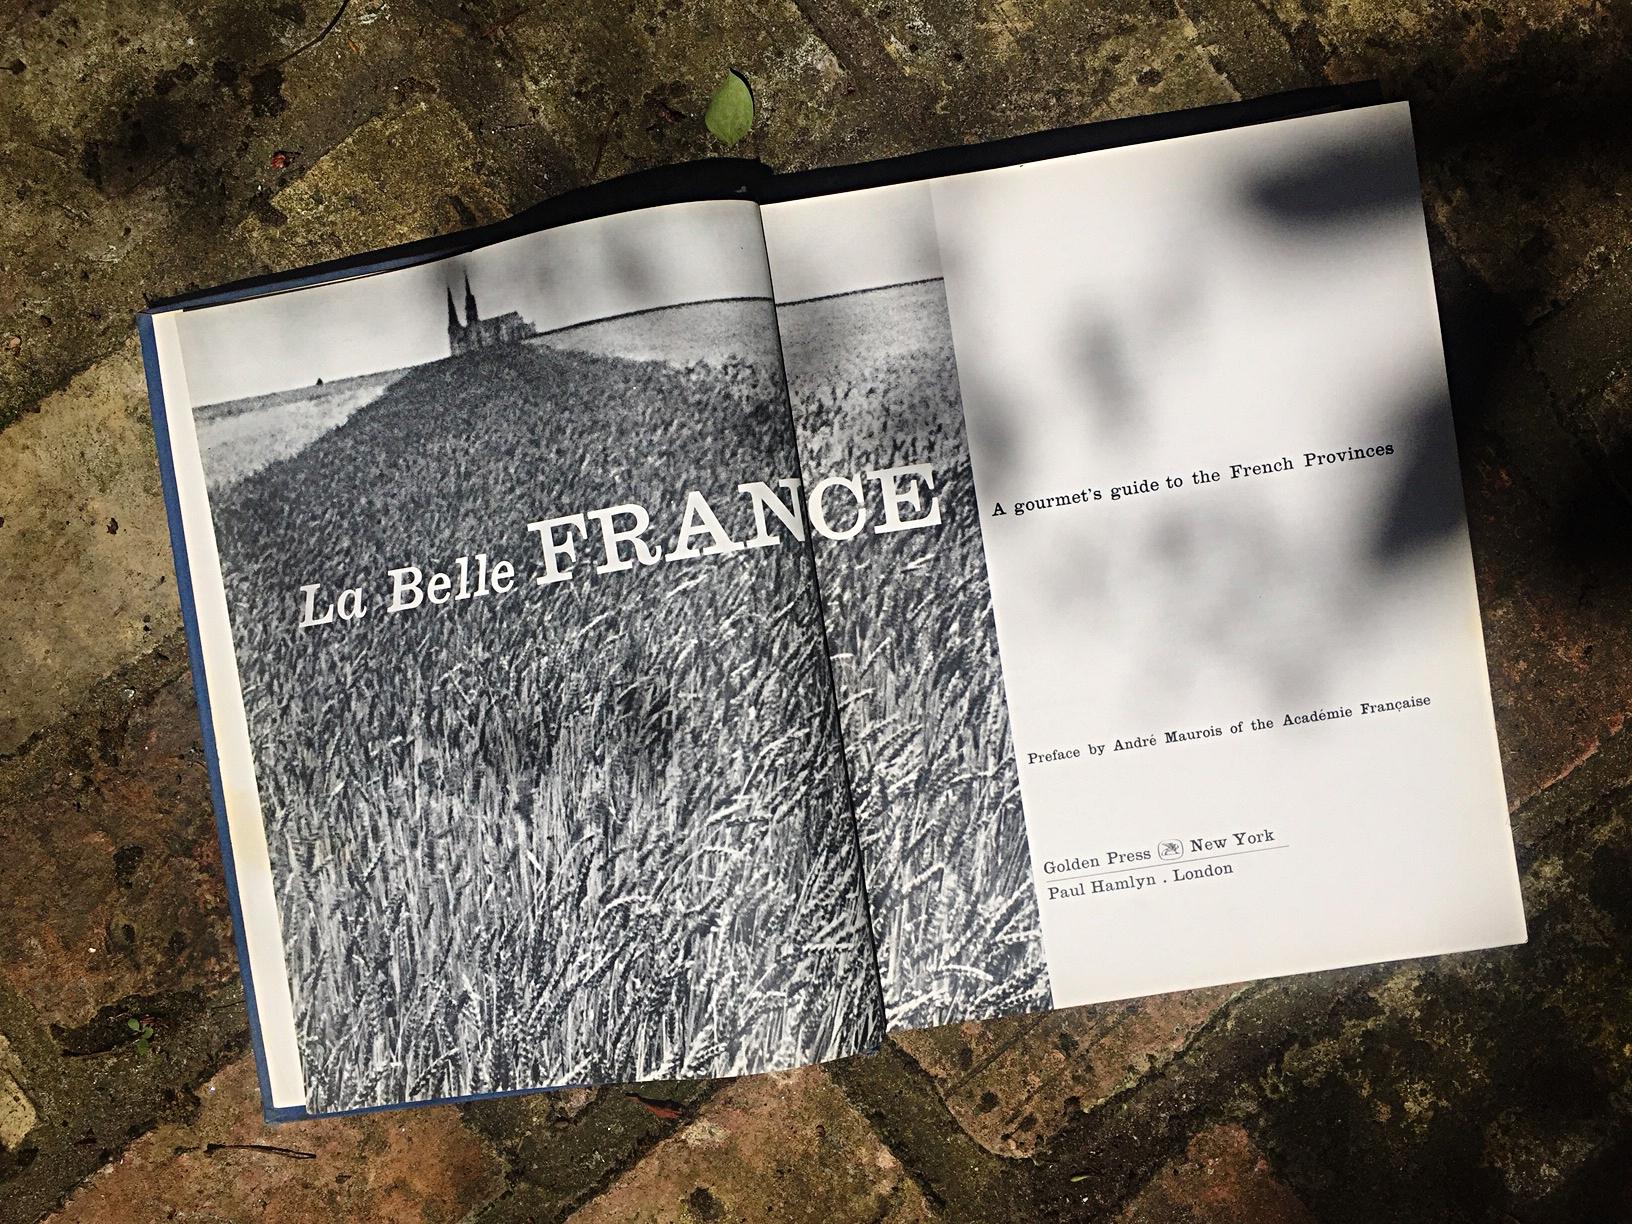 'La Belle France', published by Paul Hamlyn,1964